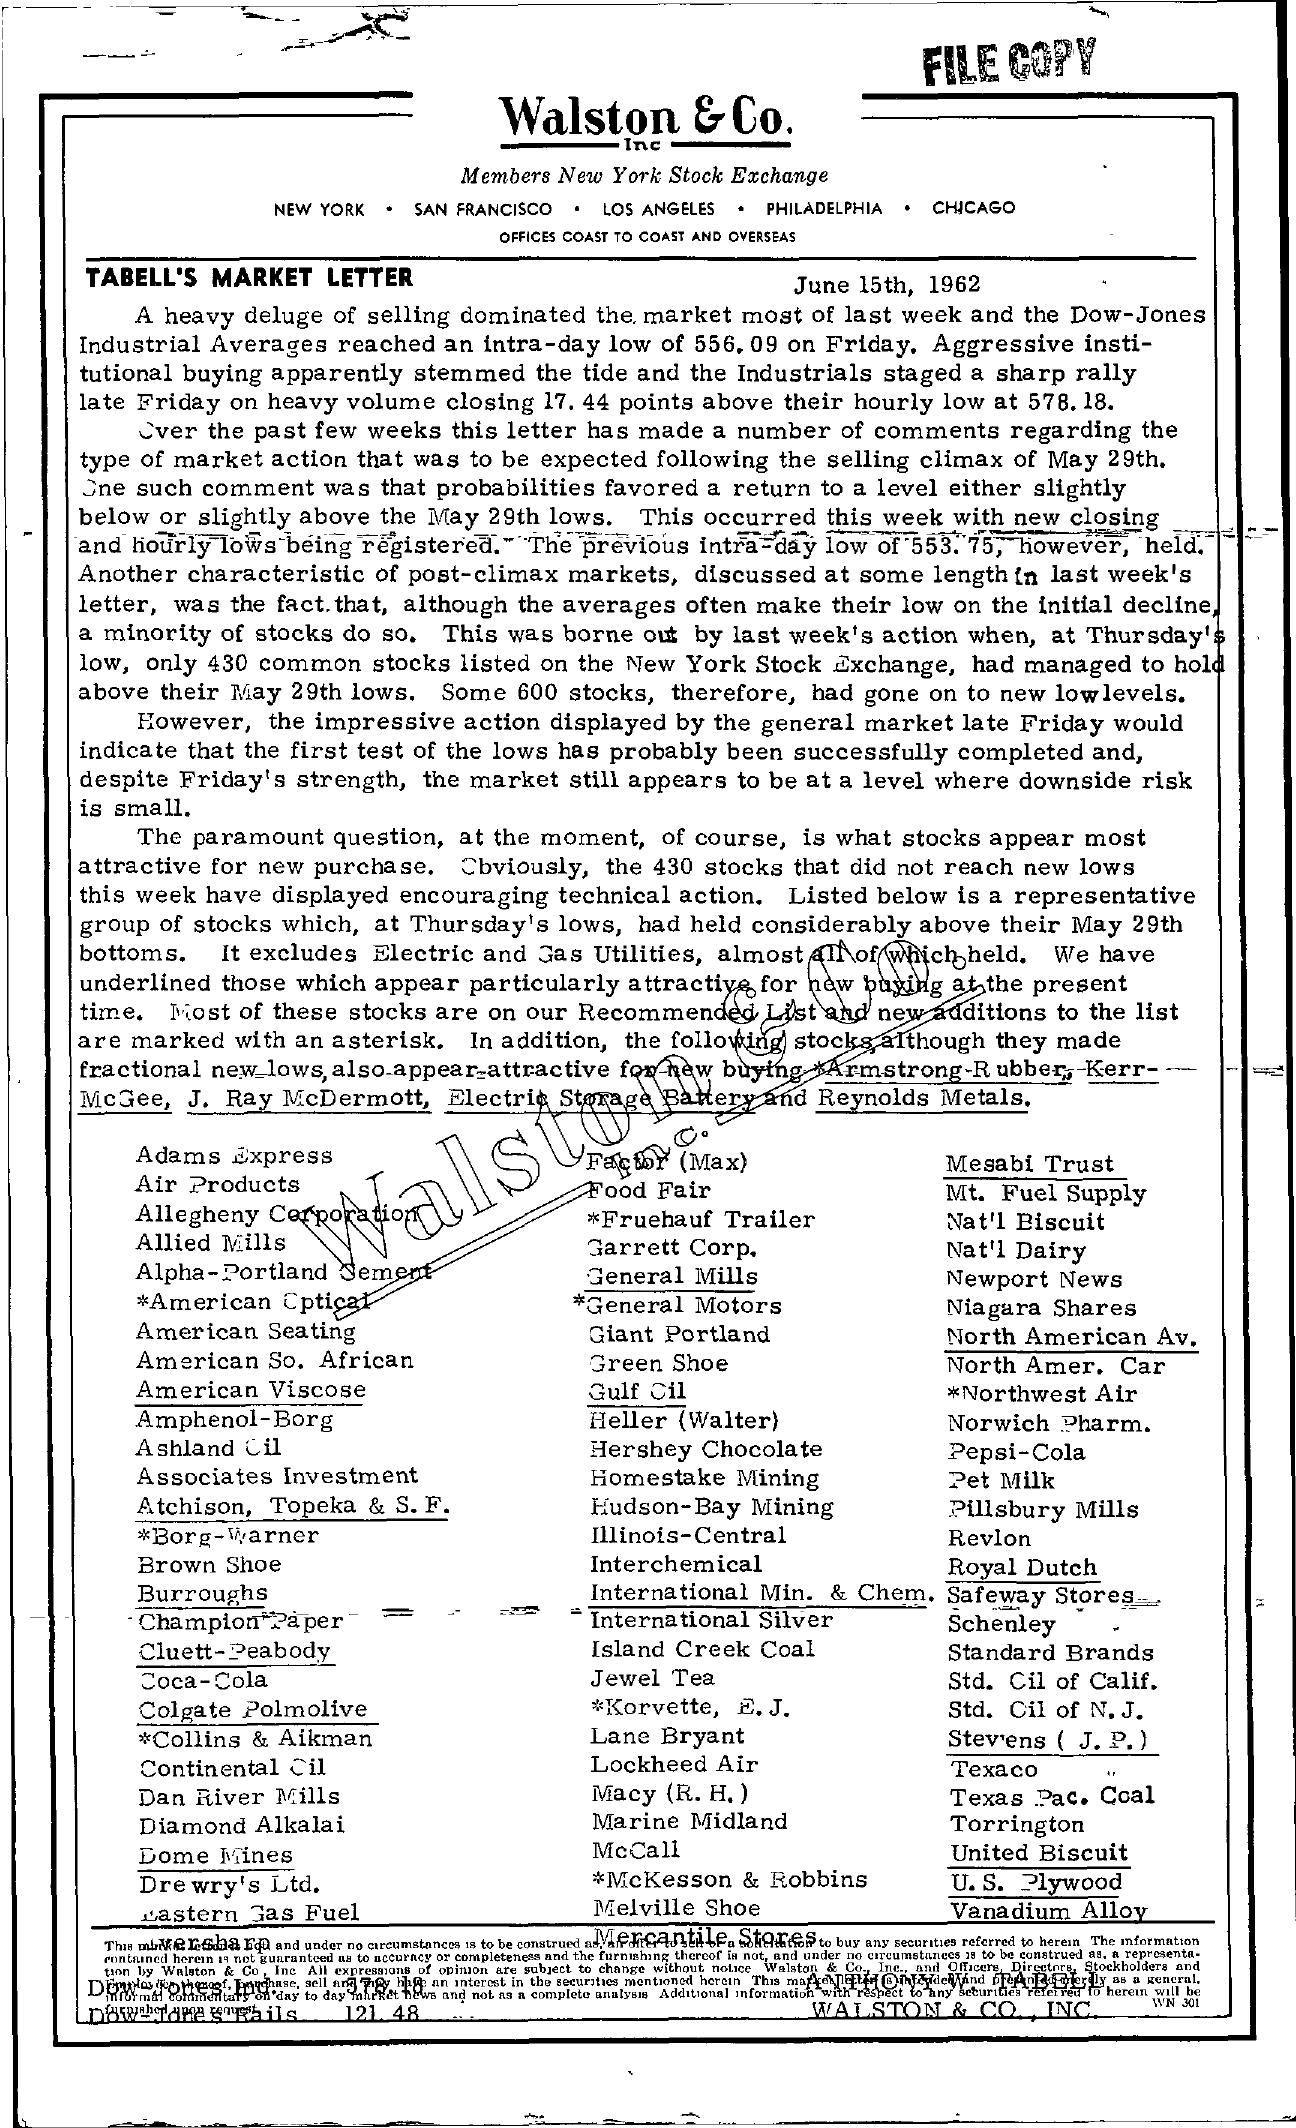 Tabell's Market Letter - June 15, 1962